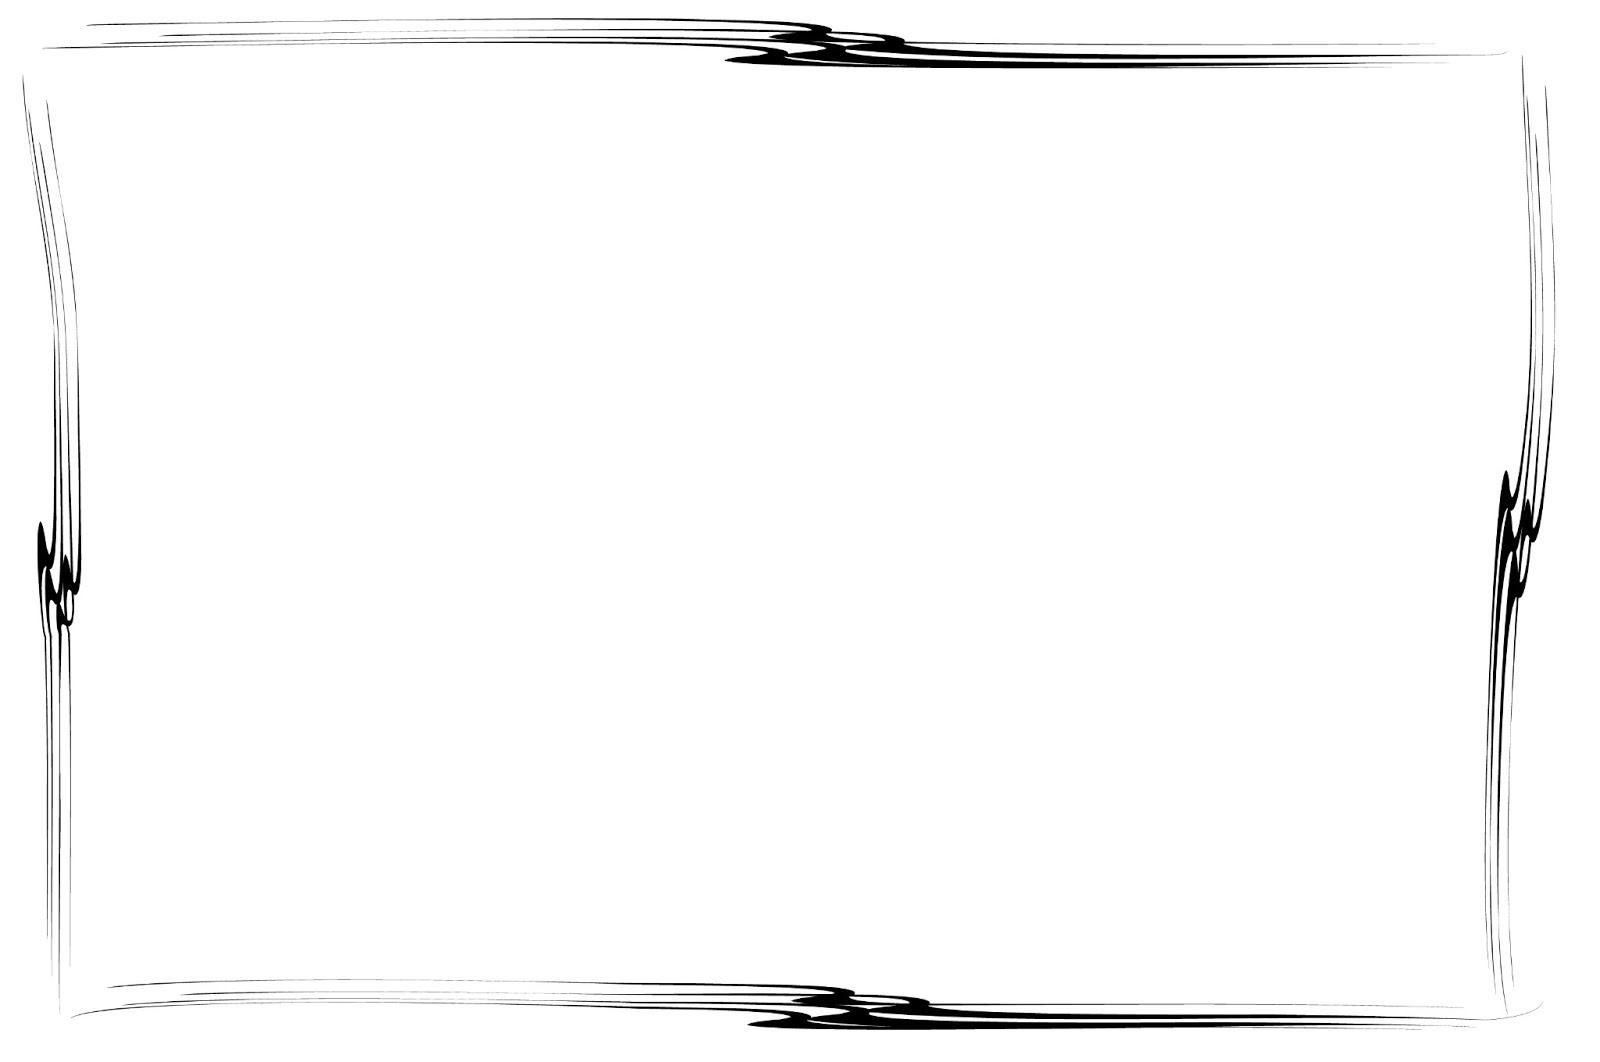 de_04 Page 112